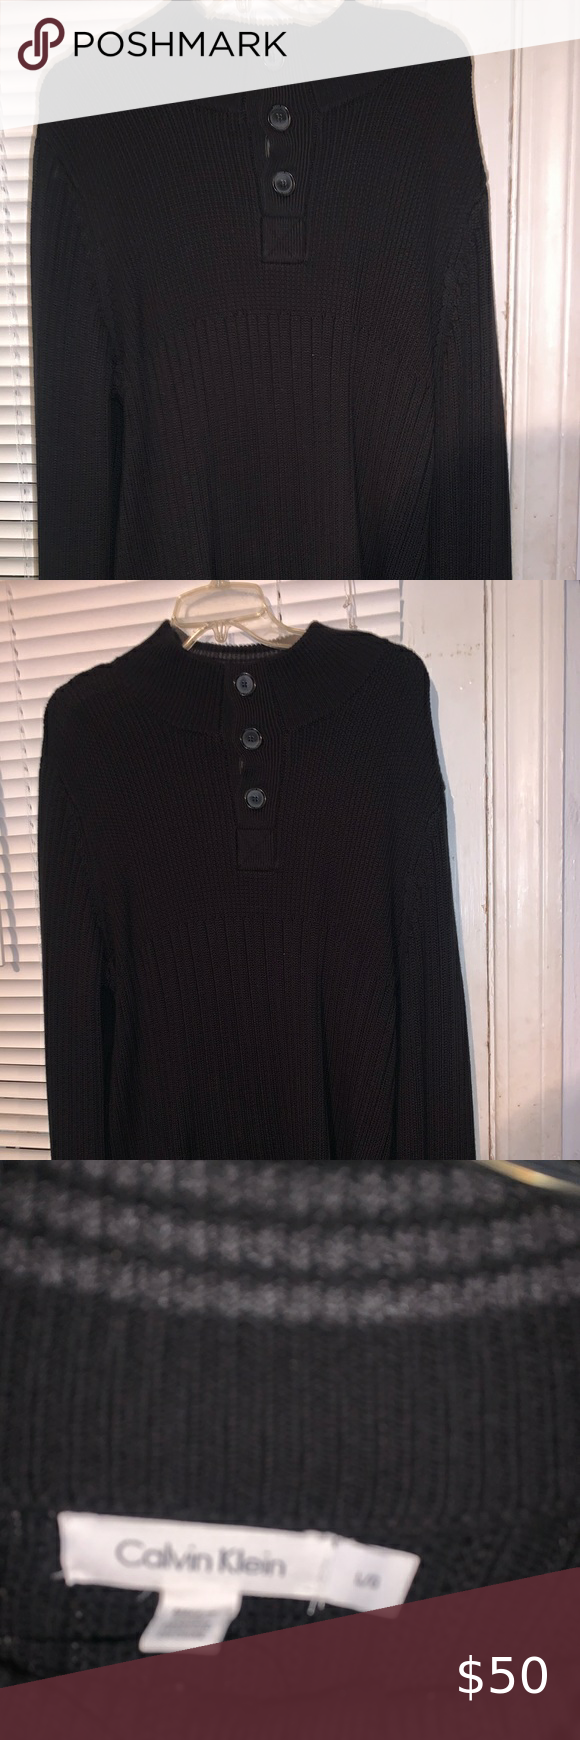 Calvin Klein men's large sweater